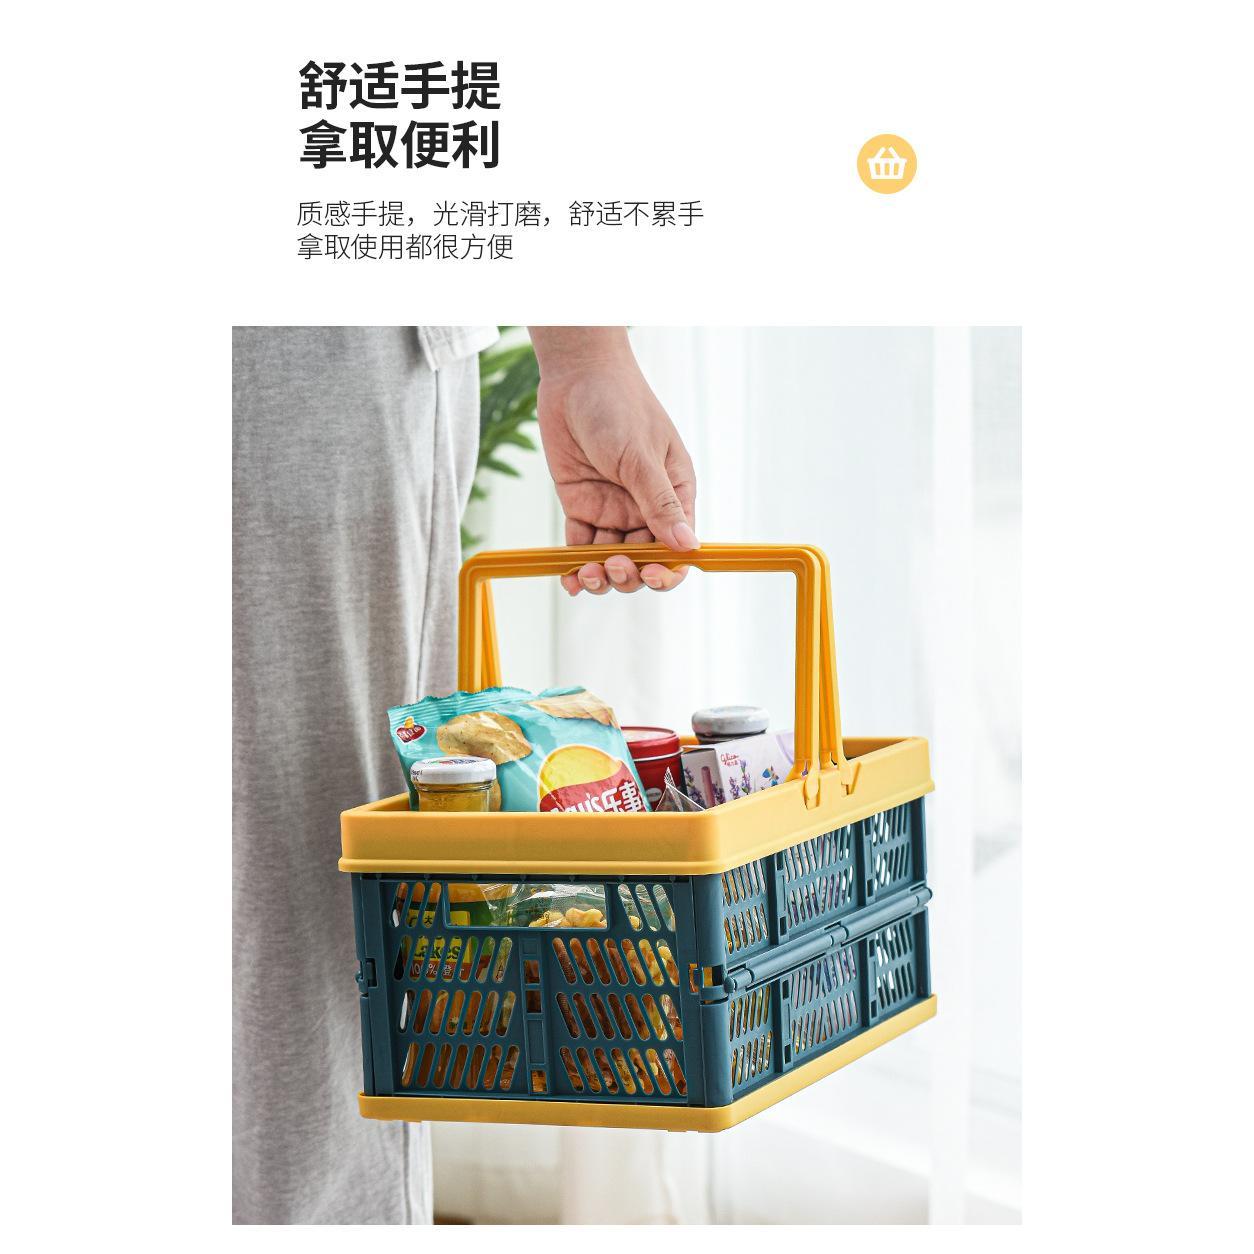 大號買菜籃子野餐籃超市零食購物籃折疊籃子手提便攜家用塑料籃(小號)